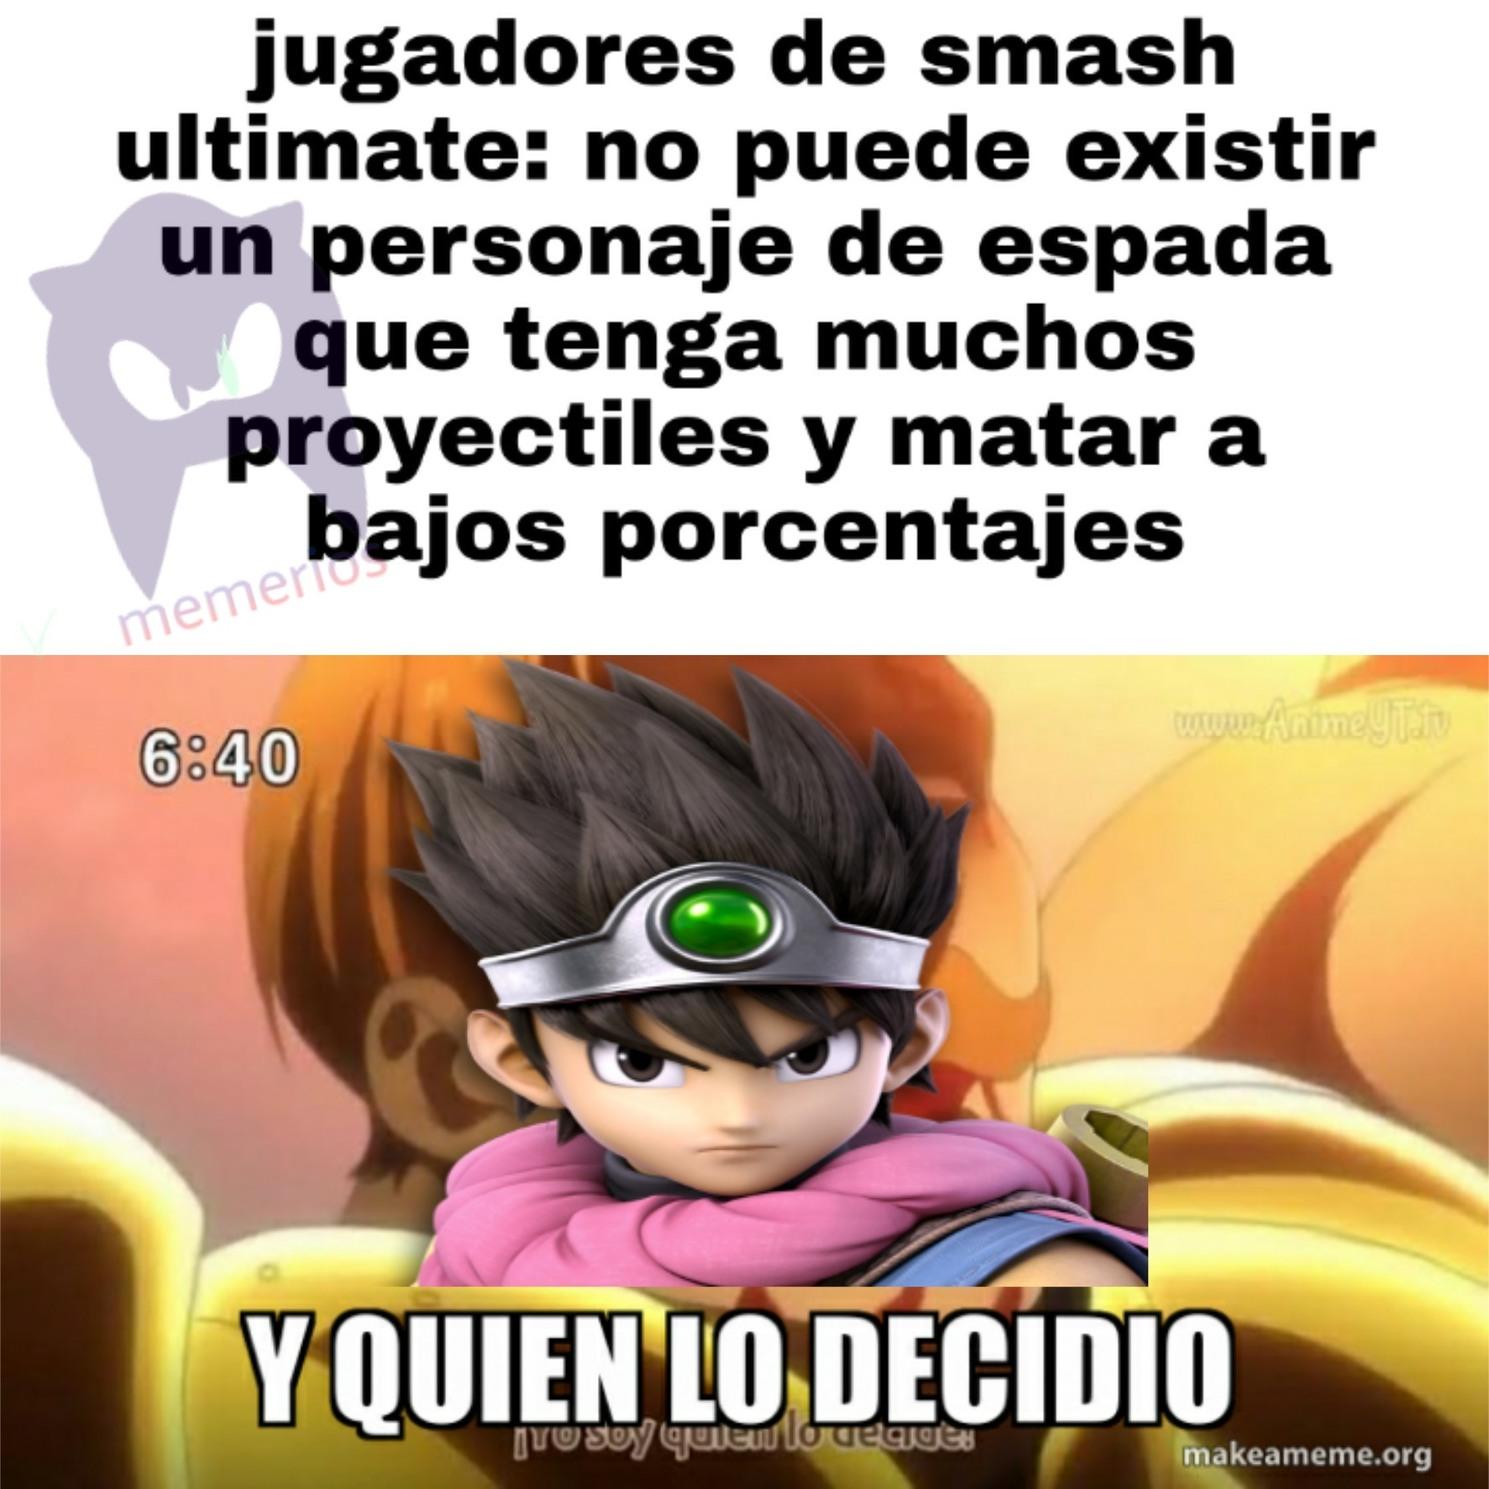 Héroe!!! - meme